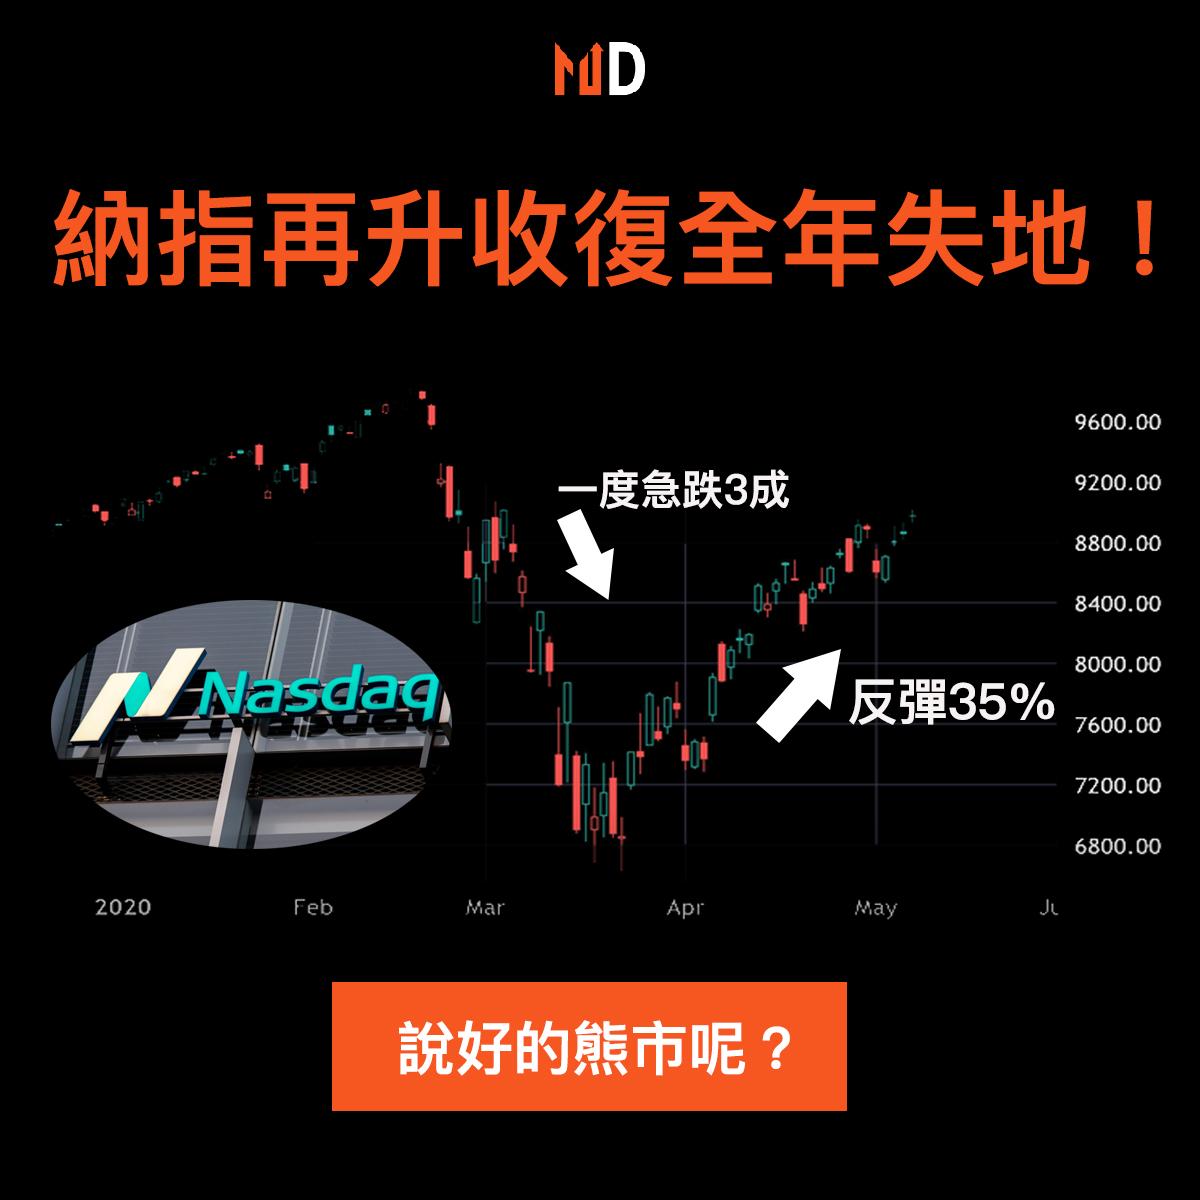 【#市場熱話】納指再升收復全年失地!年內低位至今累飆35%